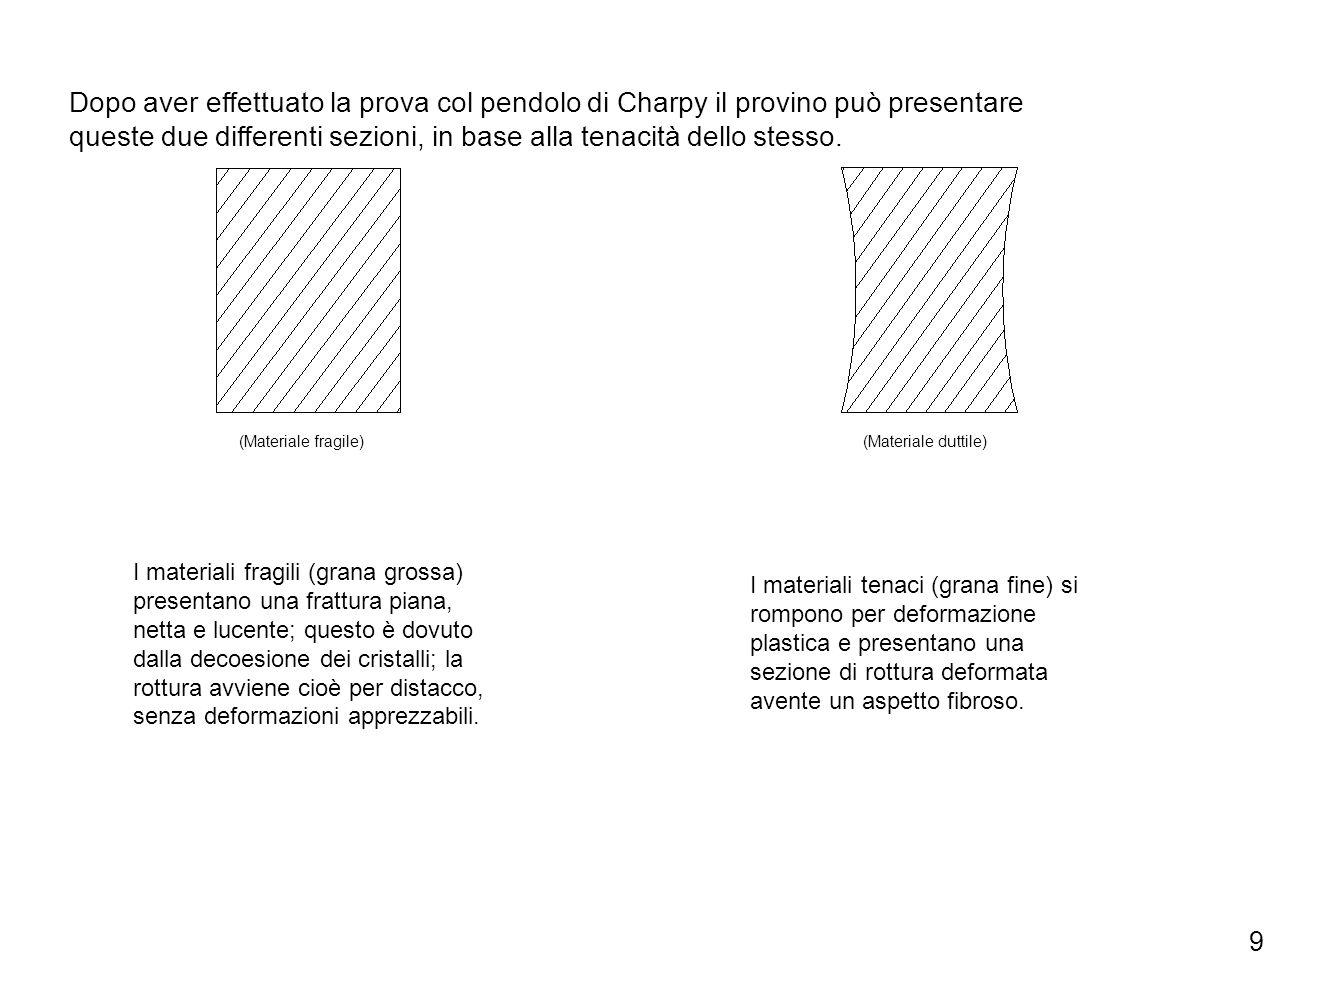 9 Dopo aver effettuato la prova col pendolo di Charpy il provino può presentare queste due differenti sezioni, in base alla tenacità dello stesso. (Ma